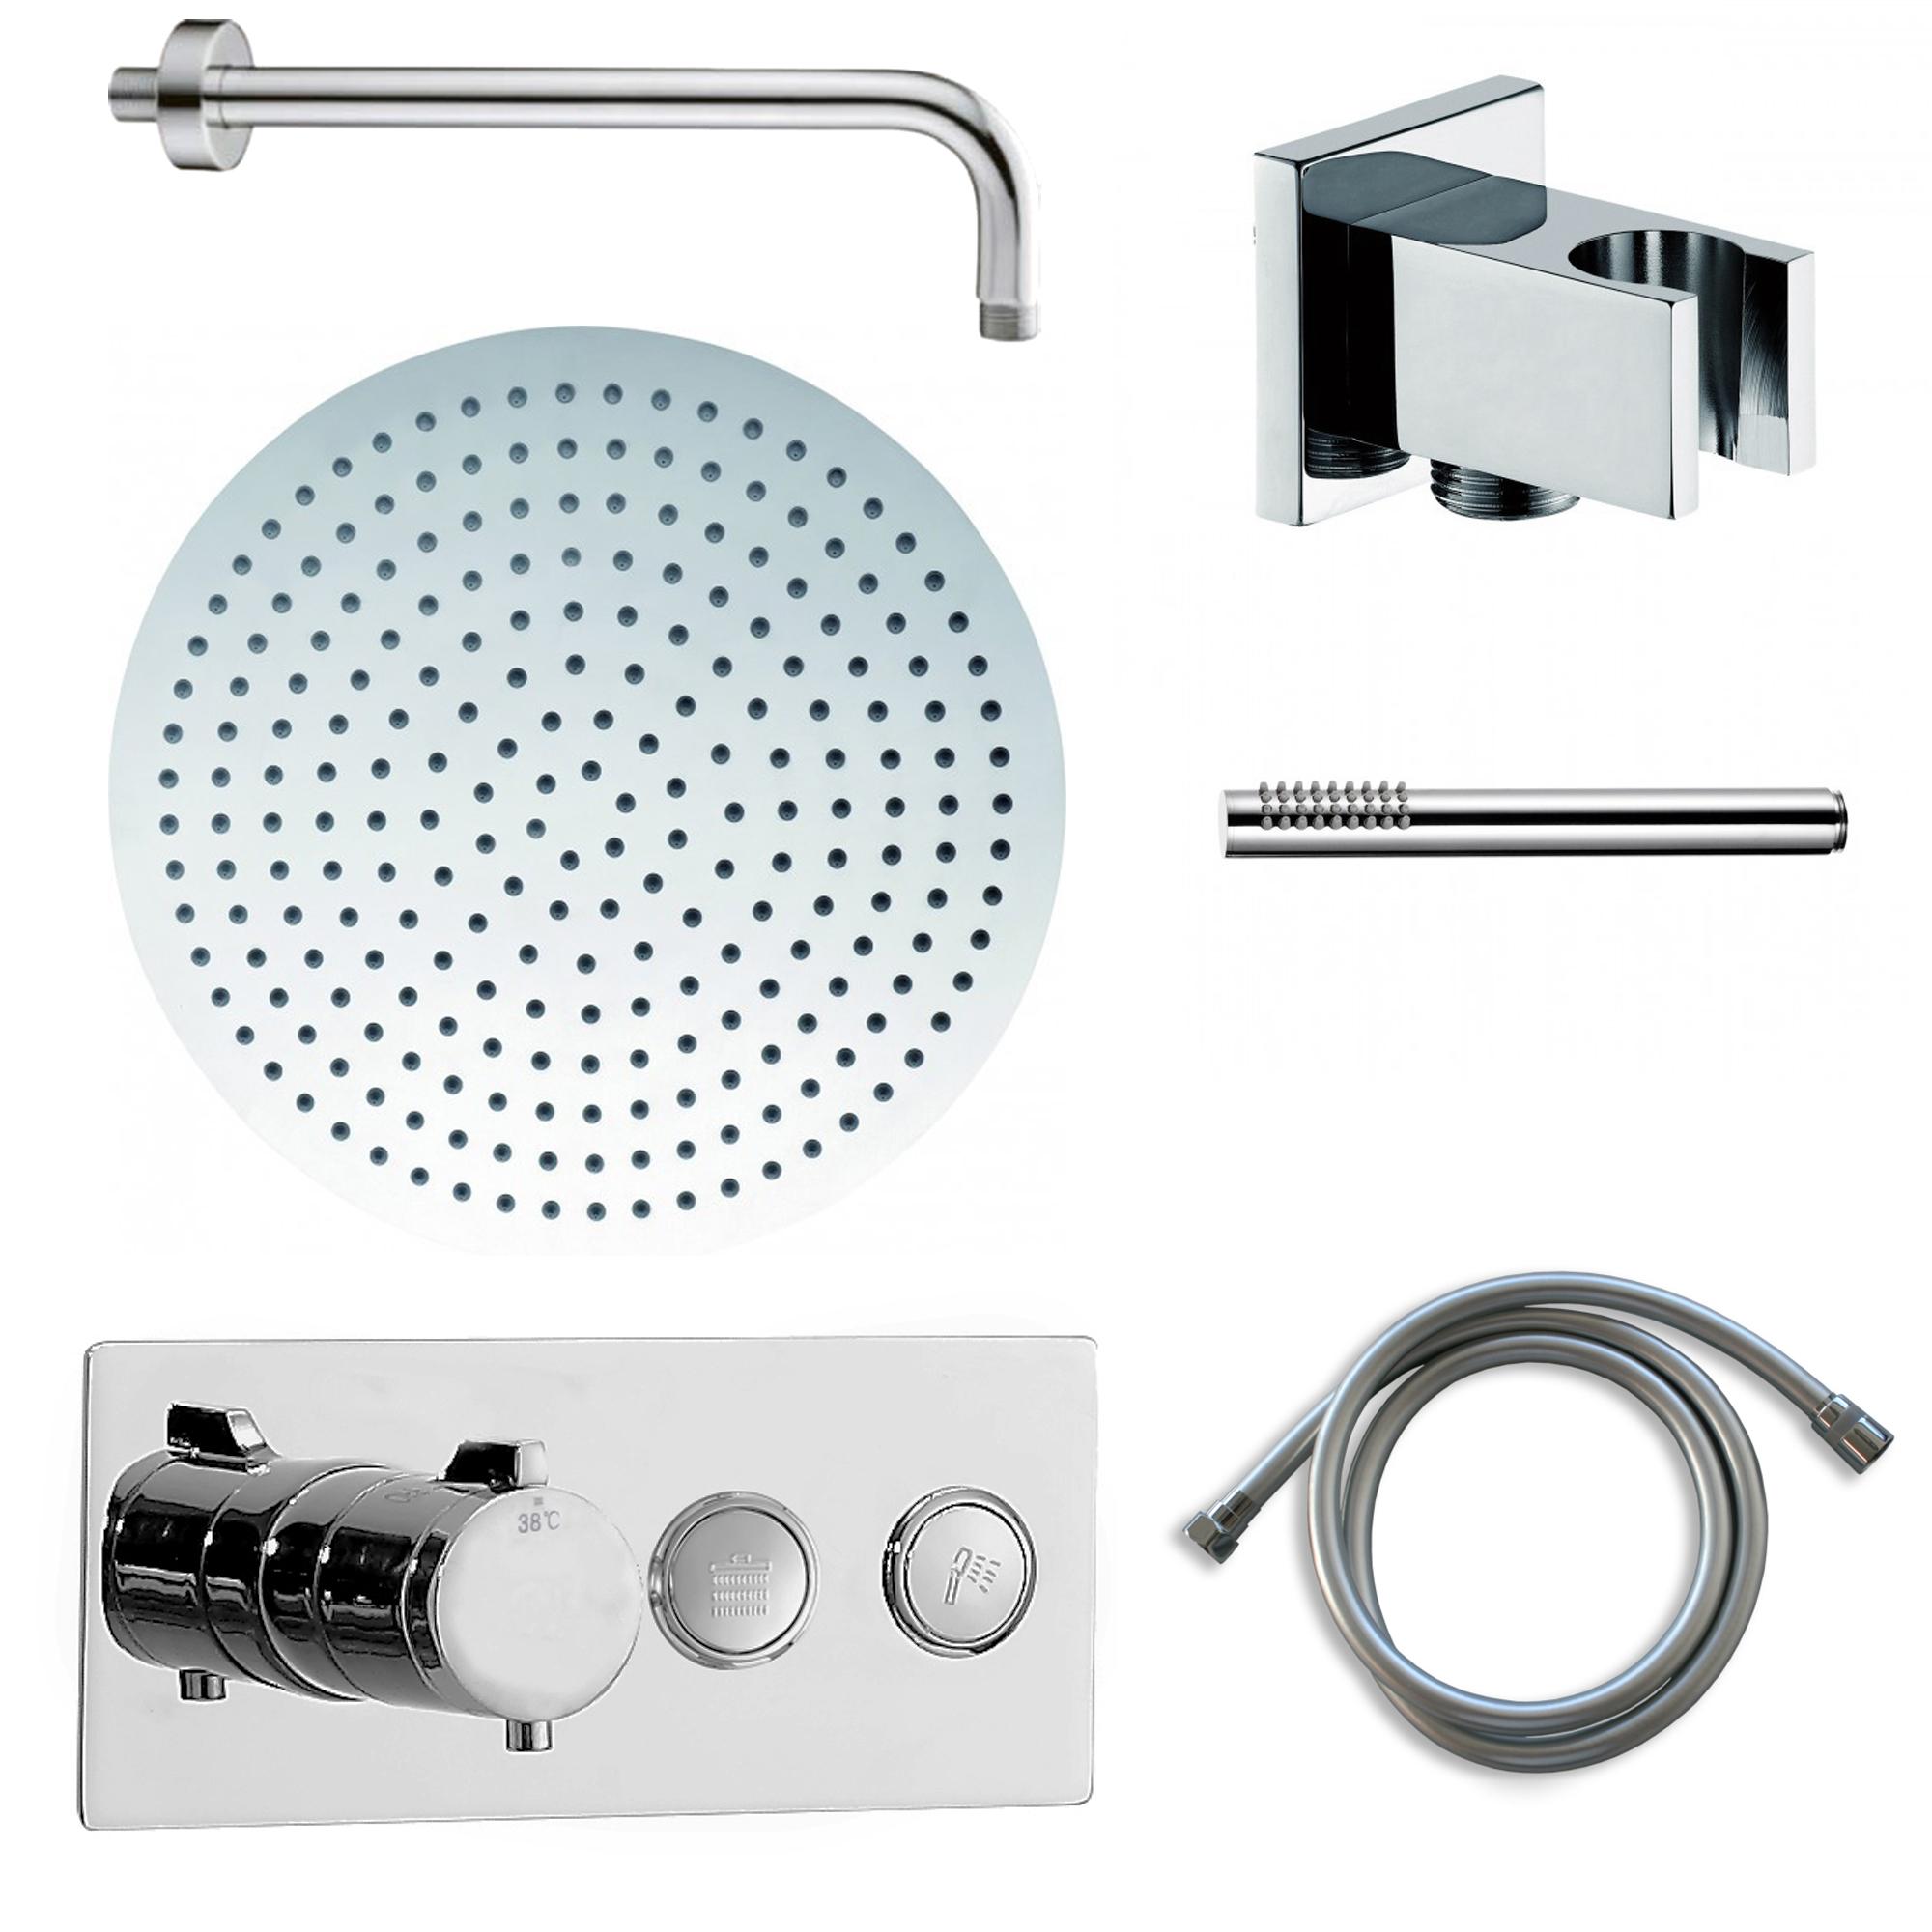 BERNSTEIN Unterputz-Duscharmatur-Set  mit Thermostat NT7176, Regendusche & Handbrause